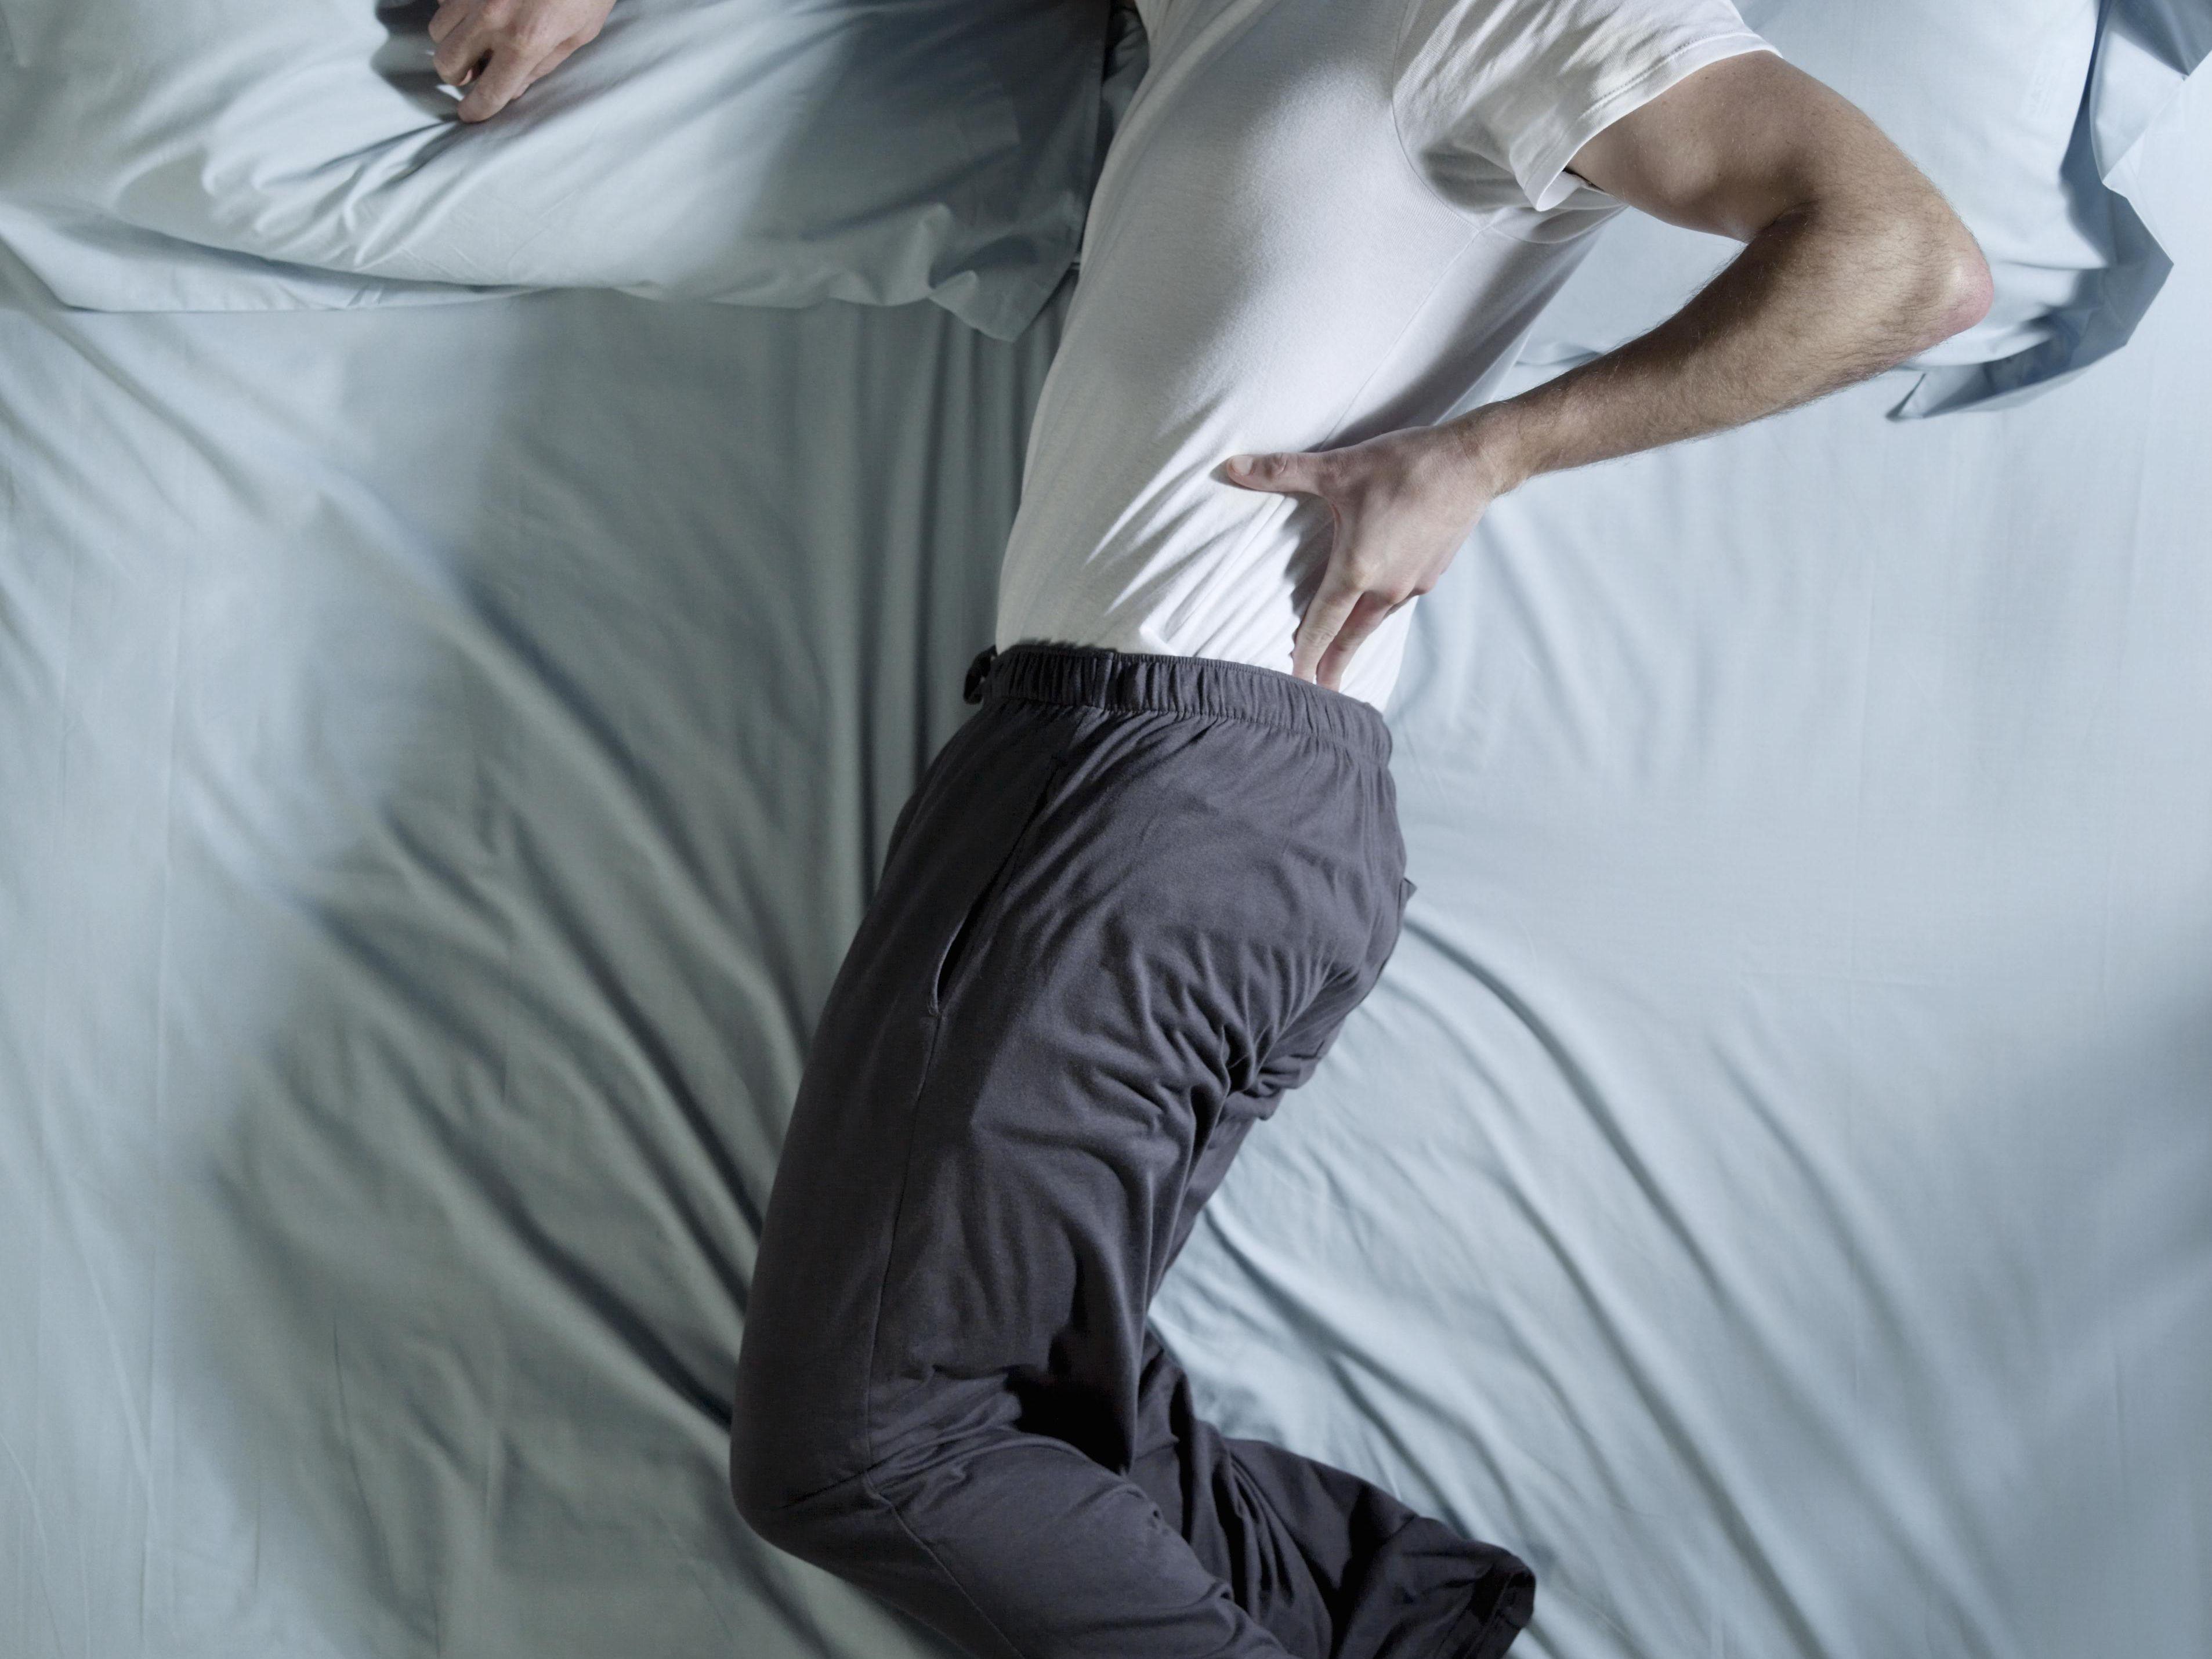 Gay anal sex känns som